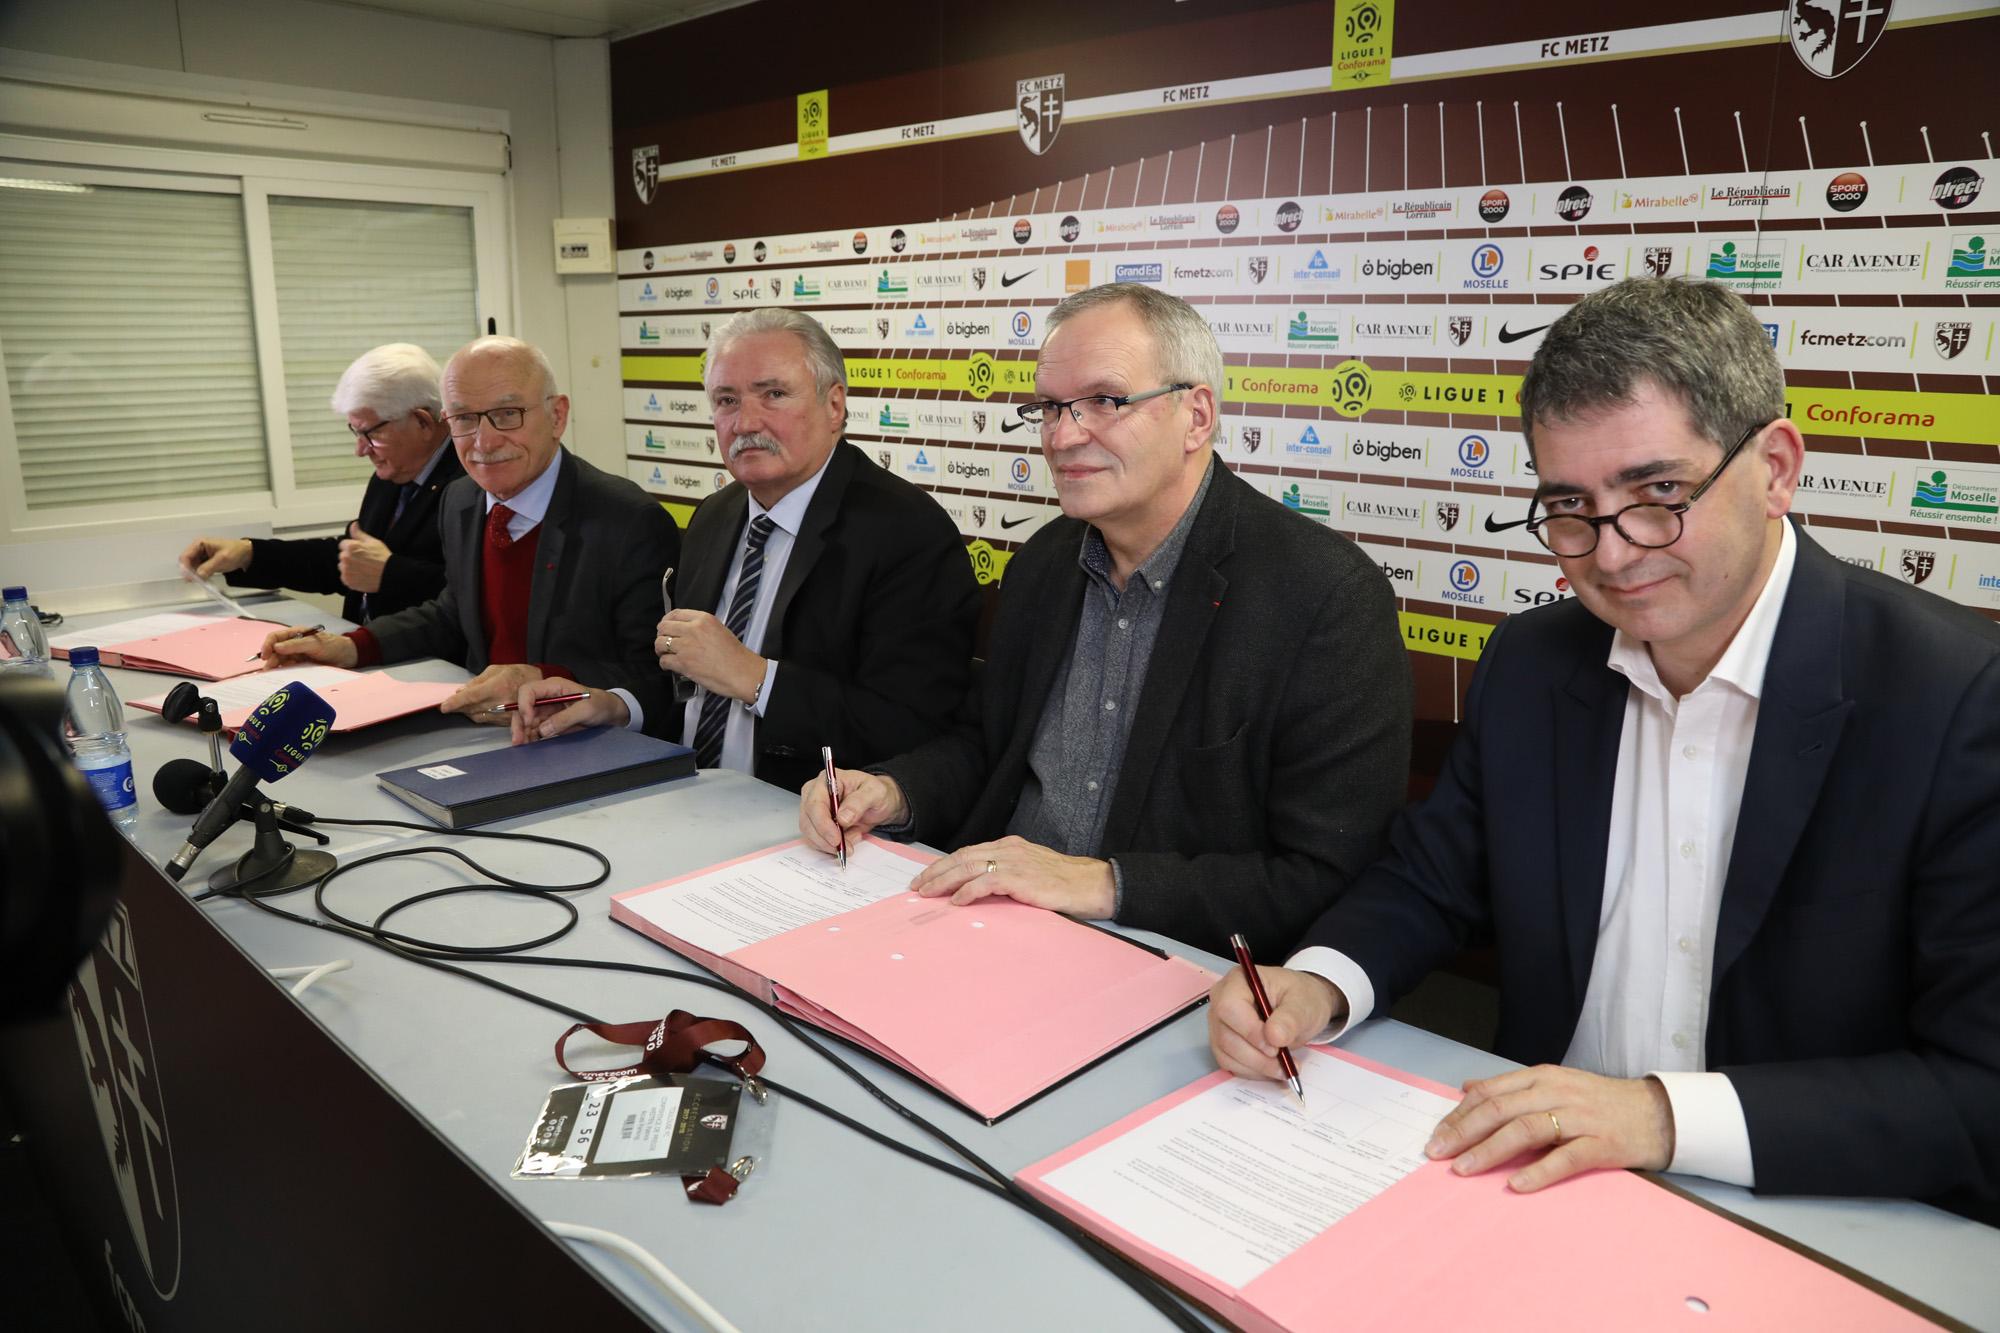 Conférence de presse_Tribune Sud stade Saint-Symphorien_2